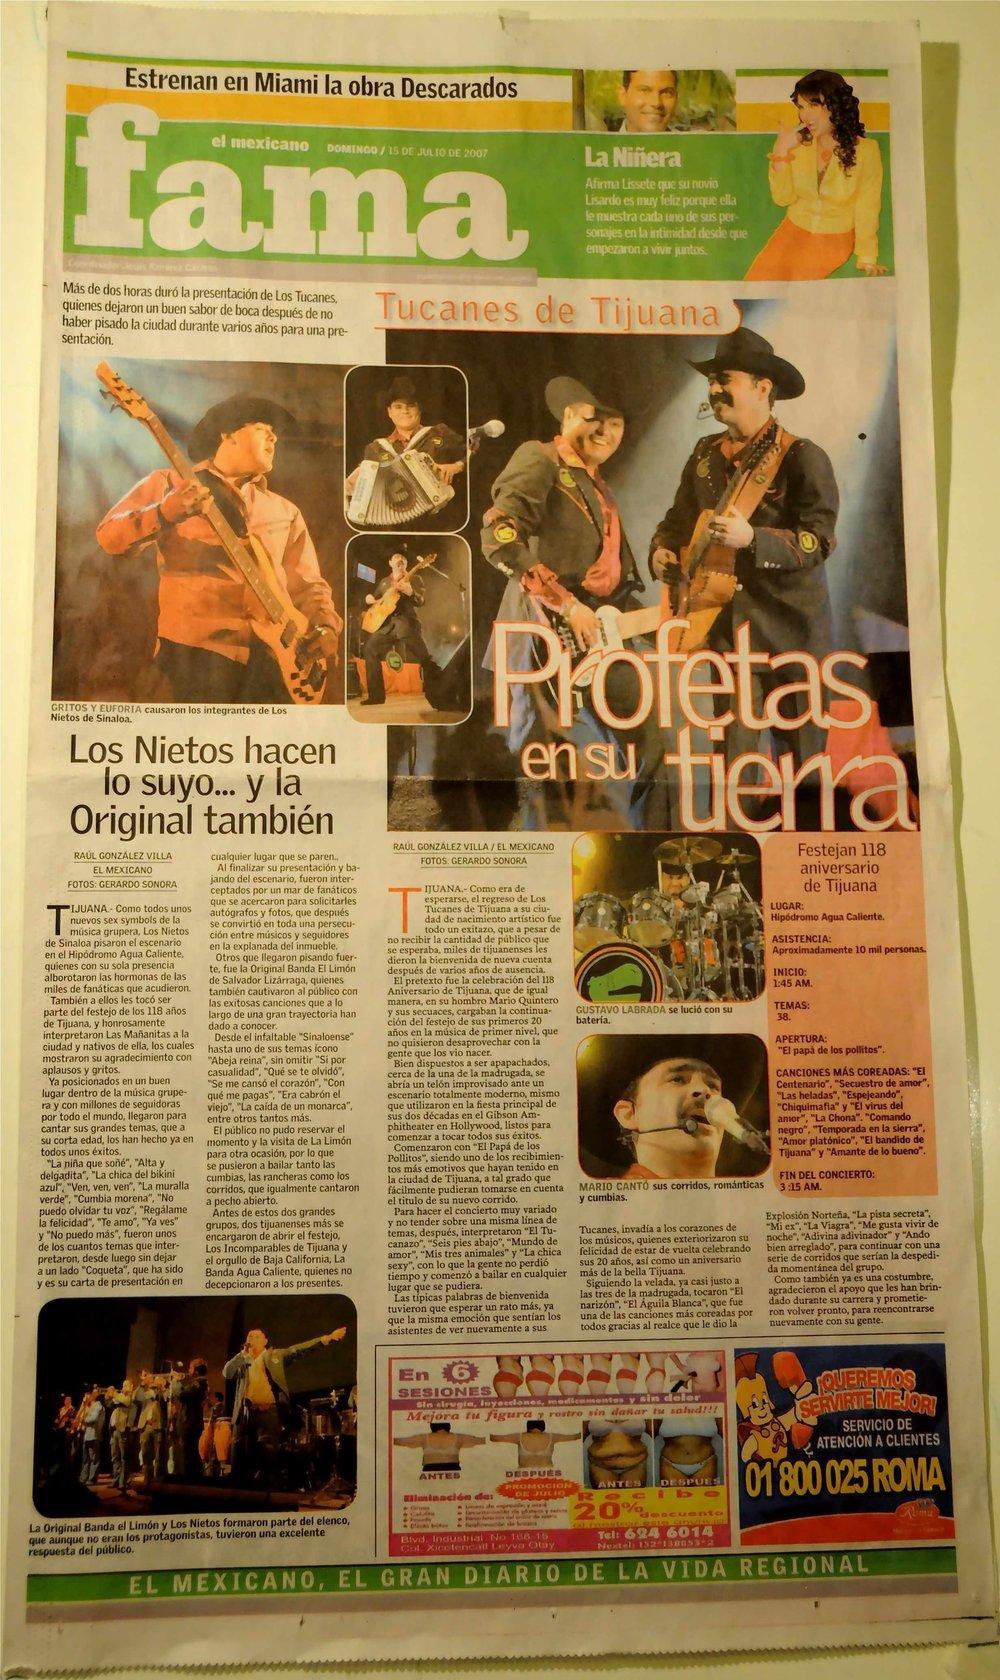 El Mexicano-DSC_6715.jpg